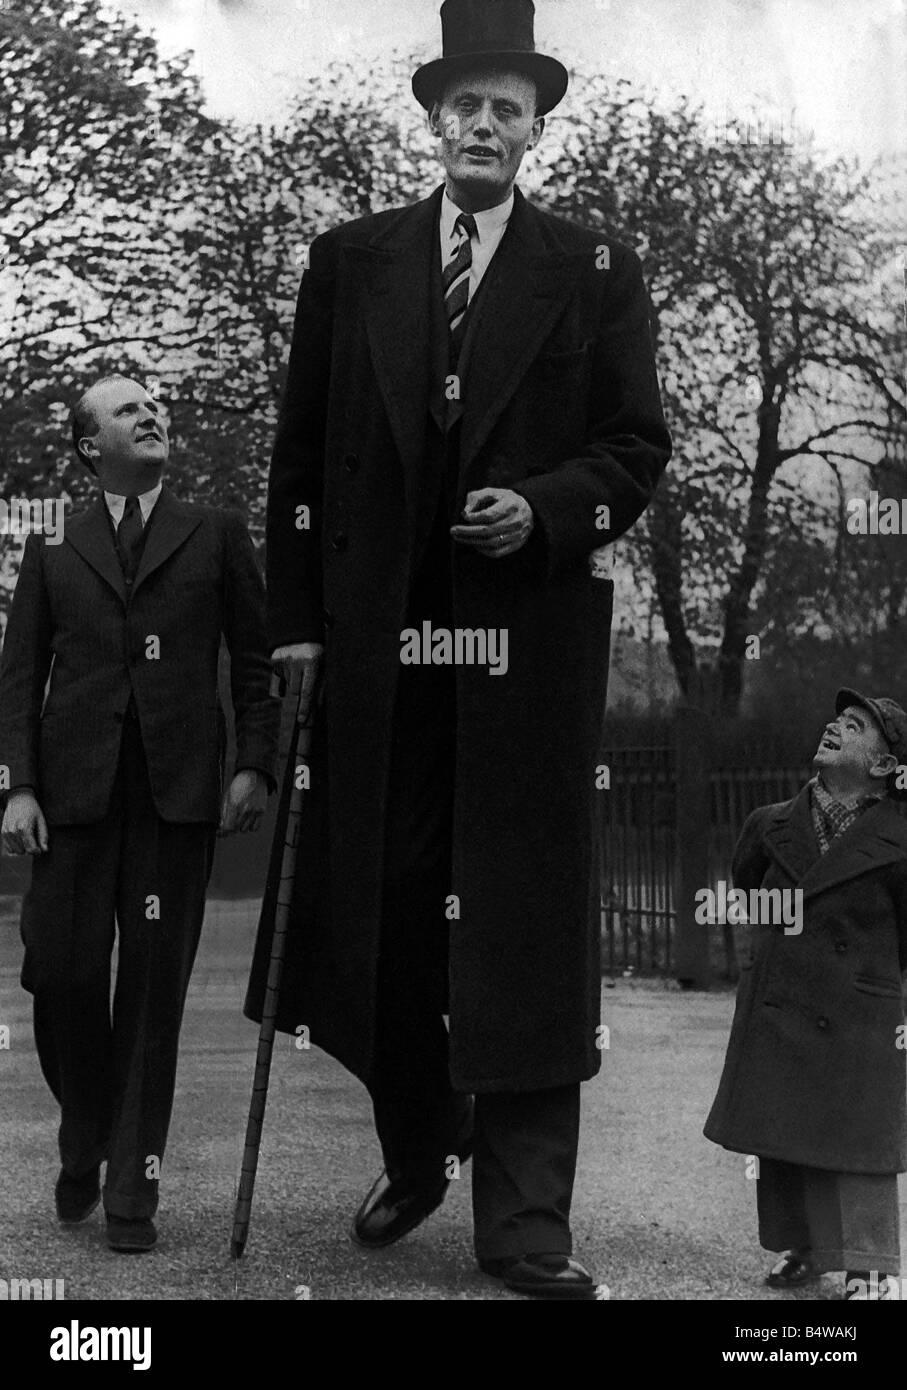 Jan Von Albert Tall man Jan Von Albert one of the world s